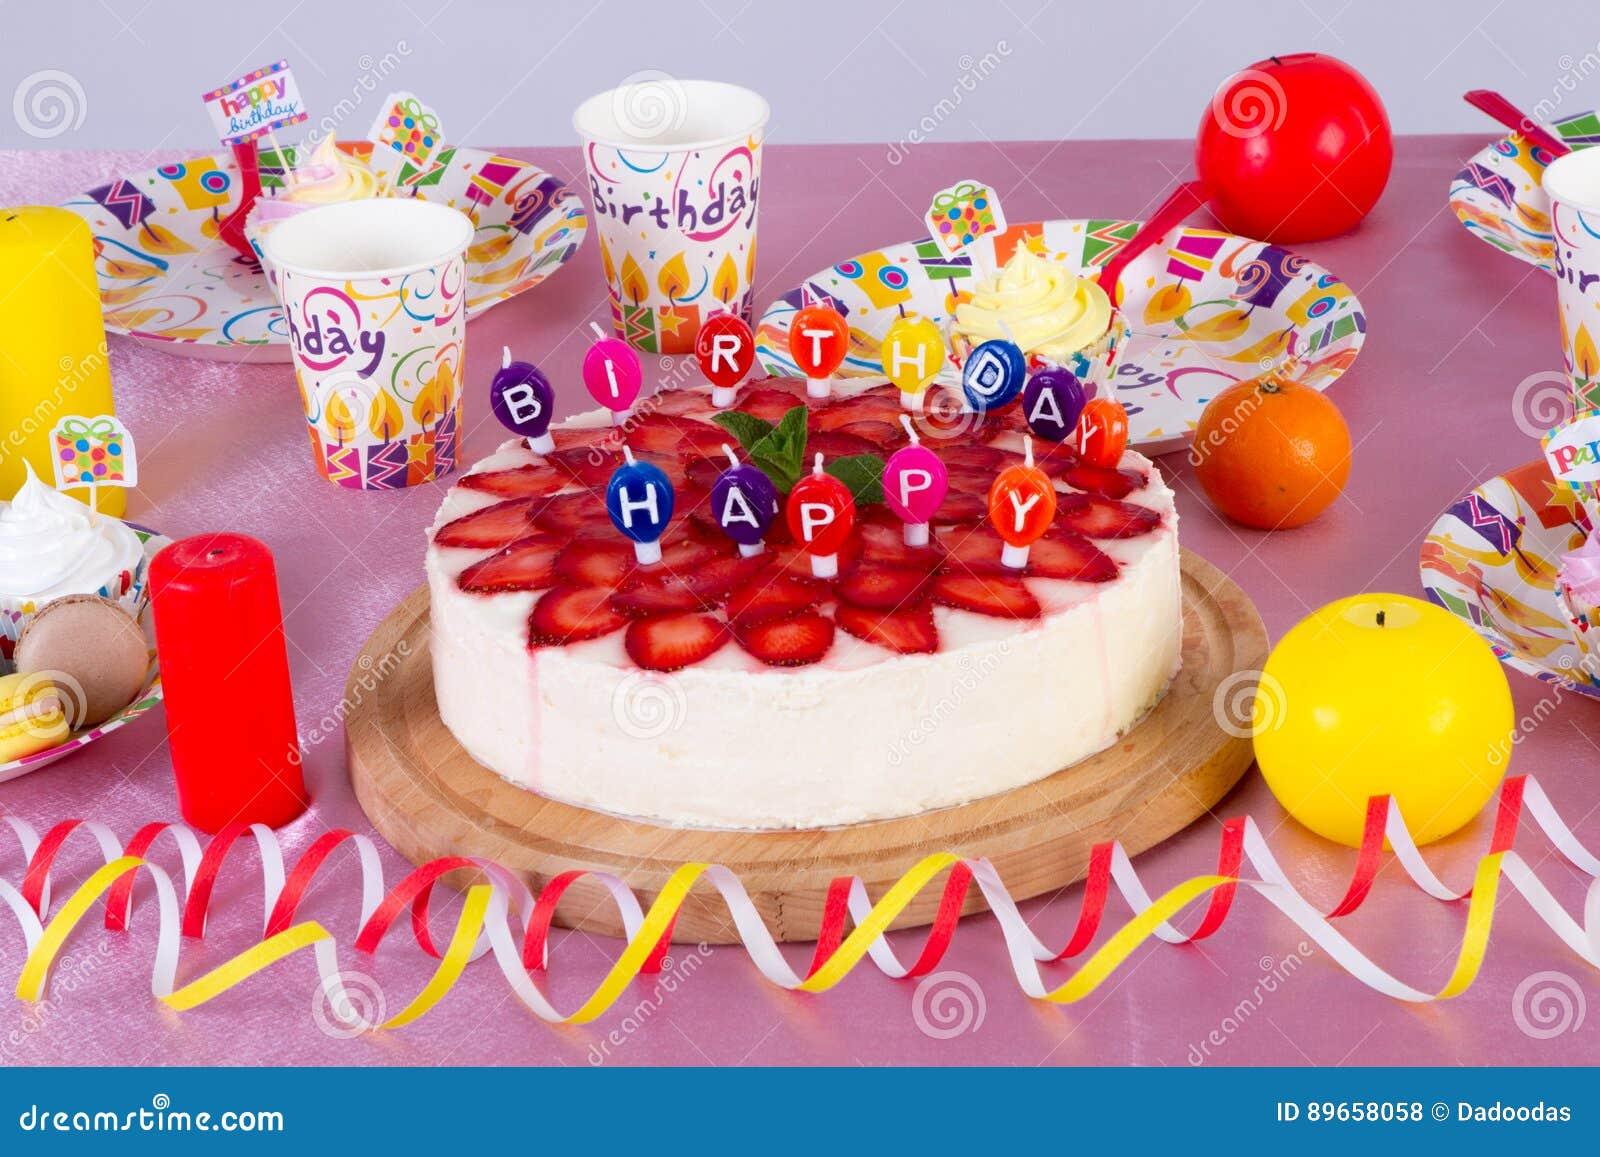 Kolorowa Dekoracja Przyjęcie Urodzinowe Stół Z Tortem I Cukierkami